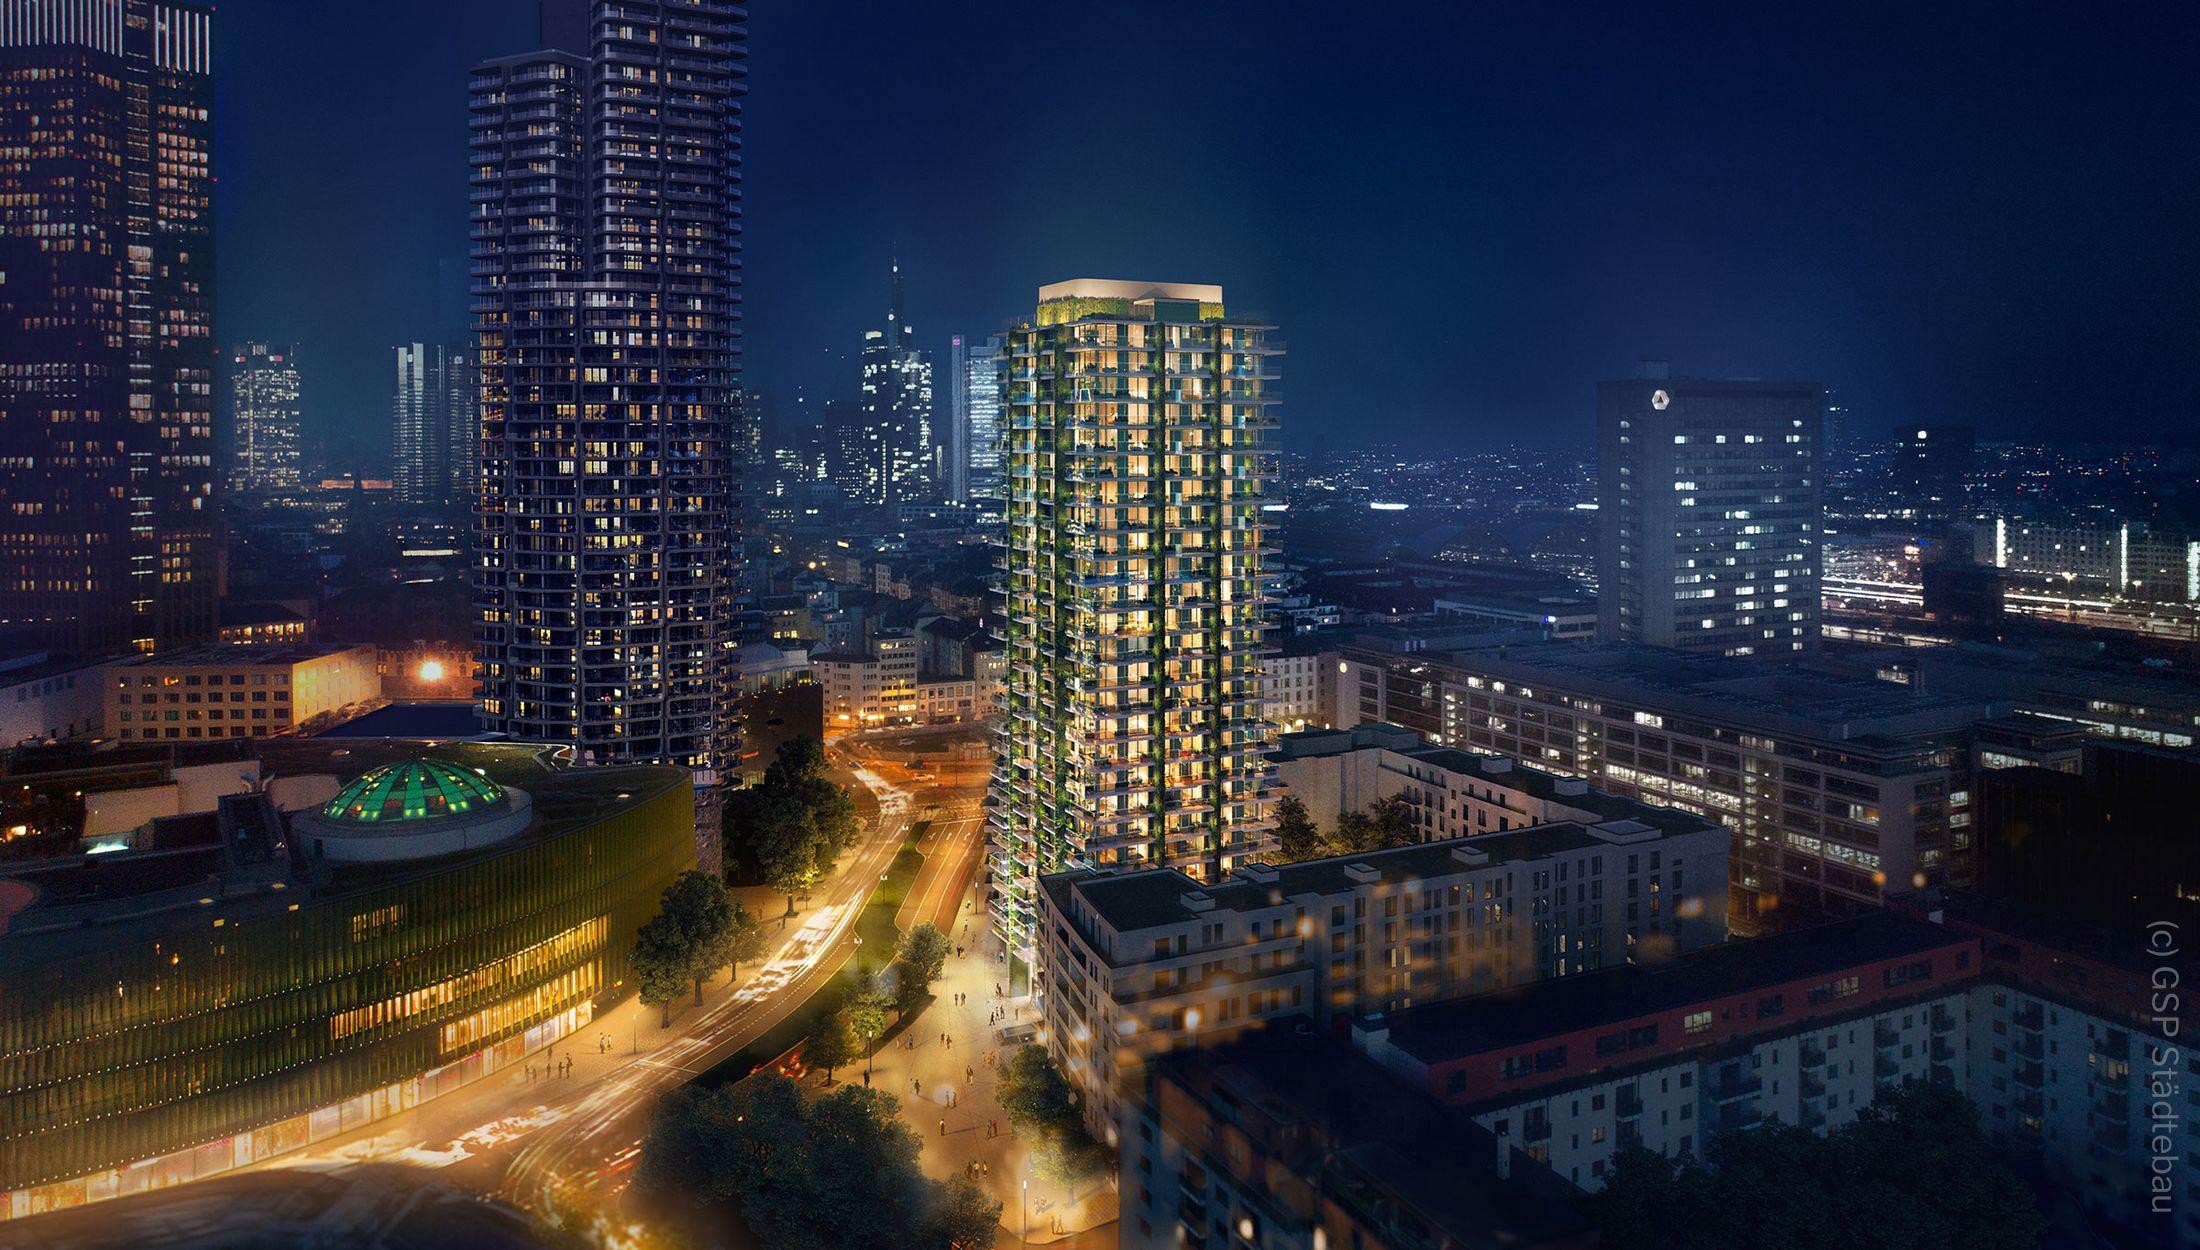 GSP Projektentwicklung - Wohnturm Immobel in Frankfurt - EDEN Turm - Nachtaufnahme der Neubauwohnungen